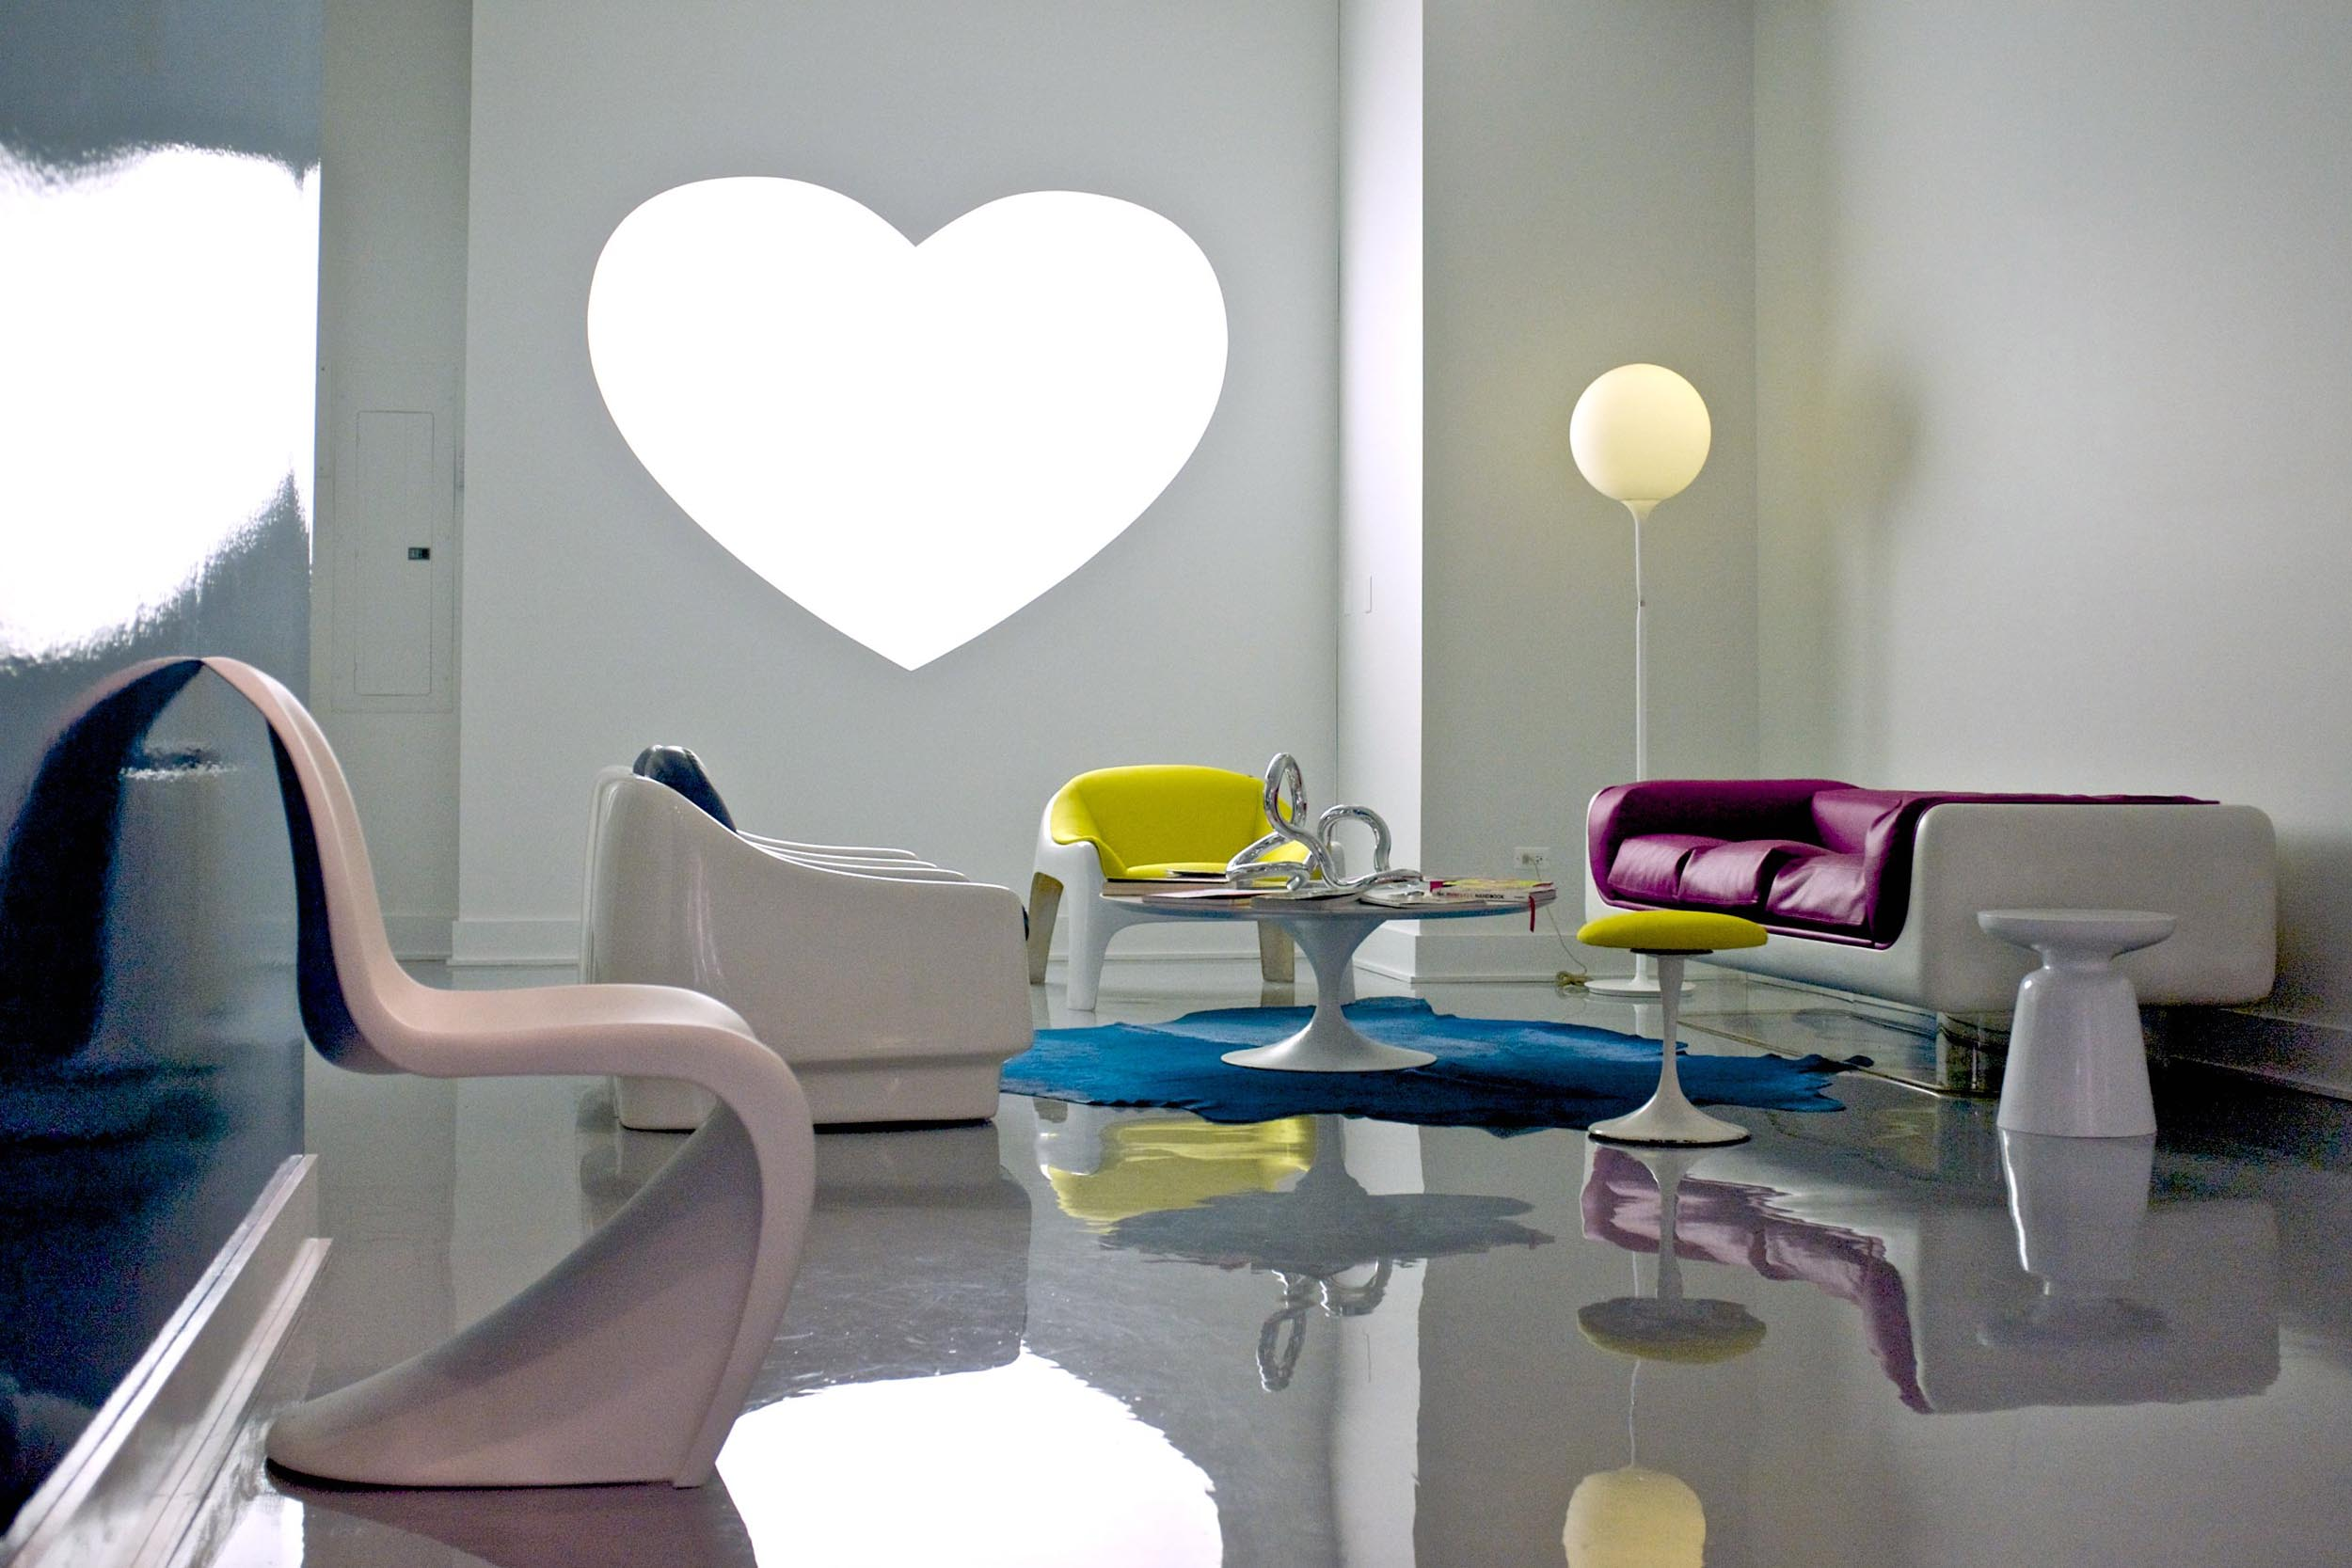 Leo_Designs_Chicago_interior_design_crush_retail3.jpg